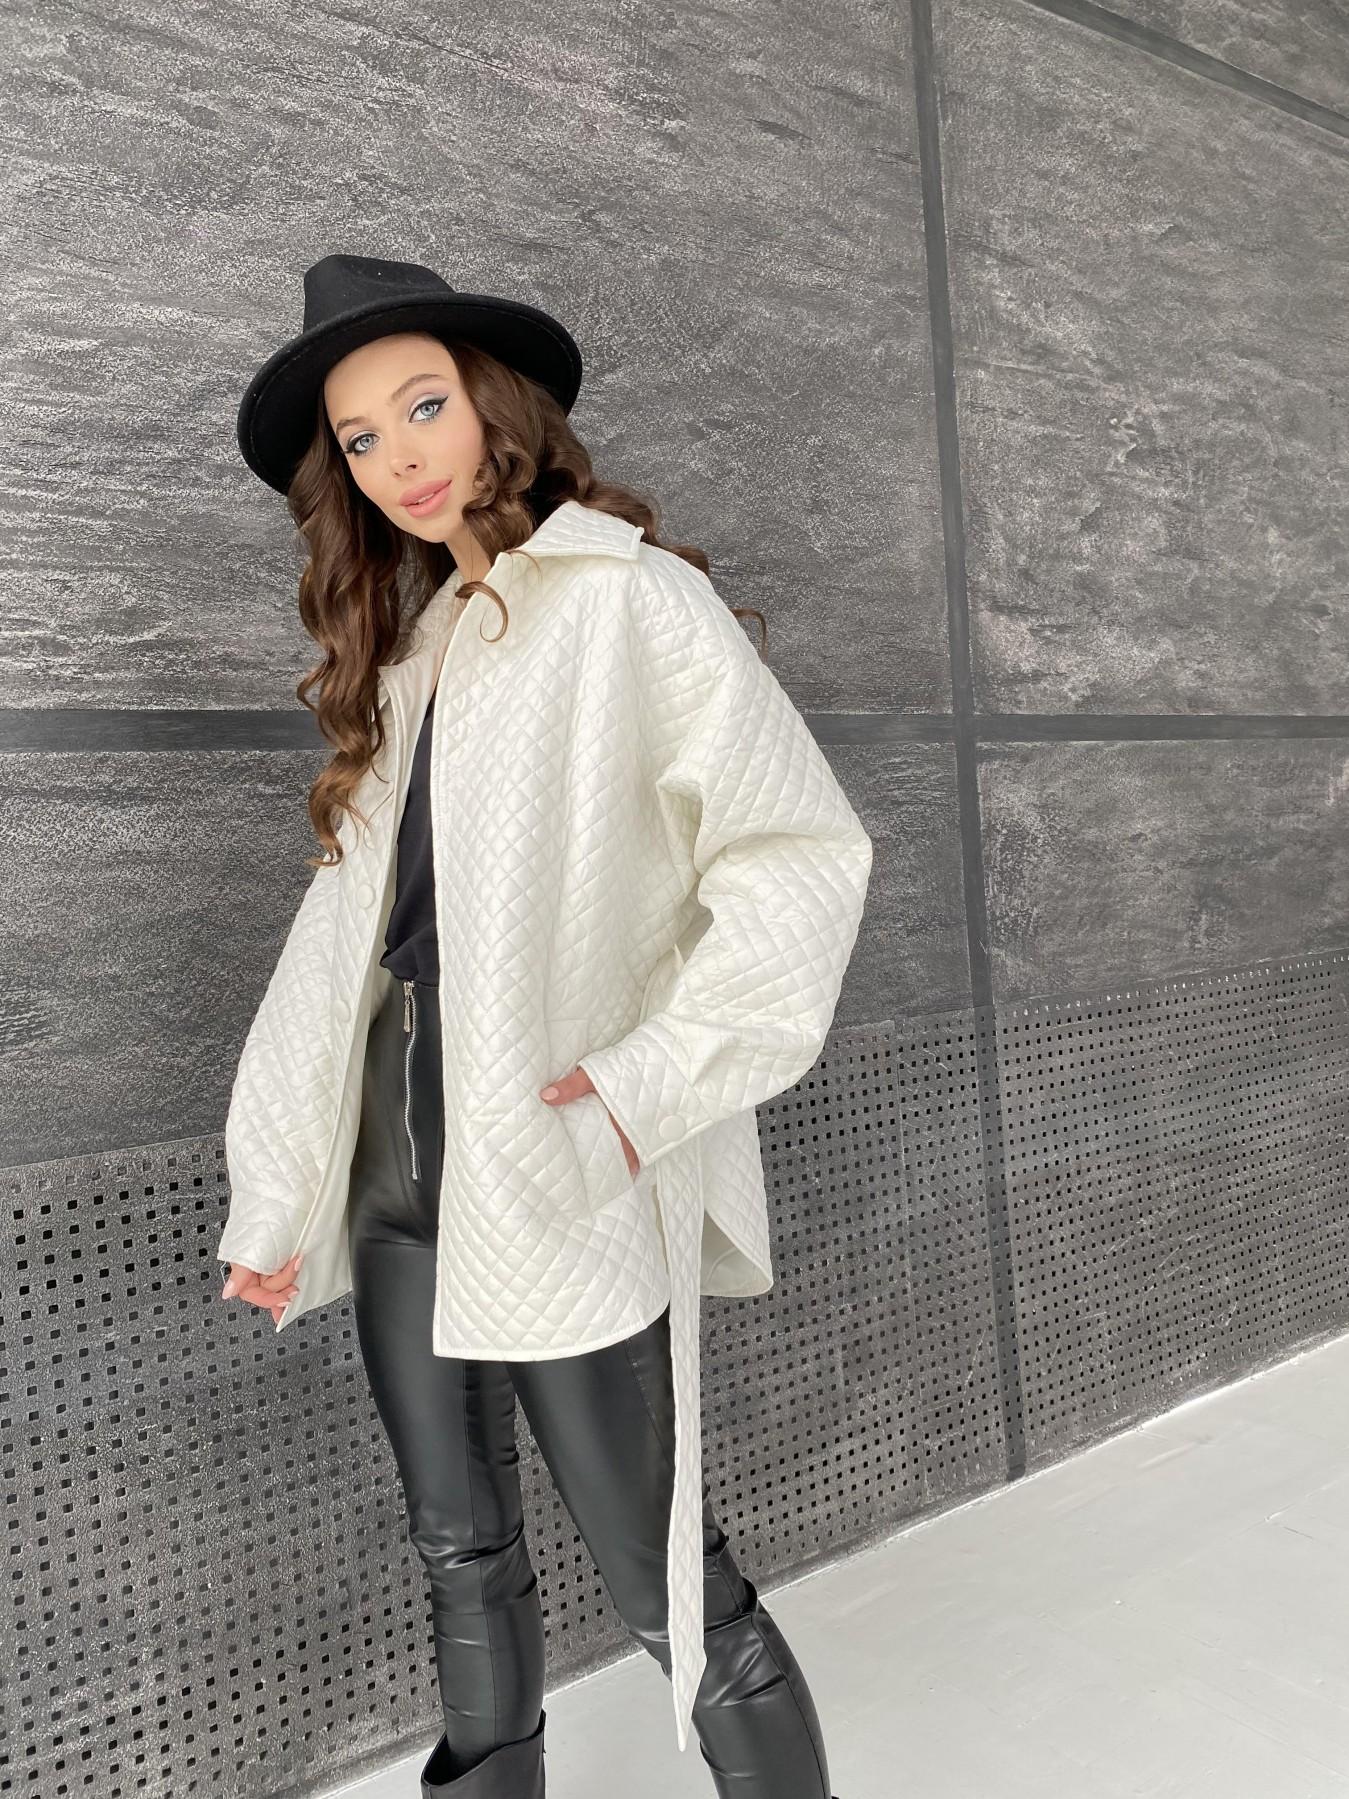 Моно куртка стеганая из  плащевой ткани 11045 АРТ. 47530 Цвет: Молоко - фото 5, интернет магазин tm-modus.ru